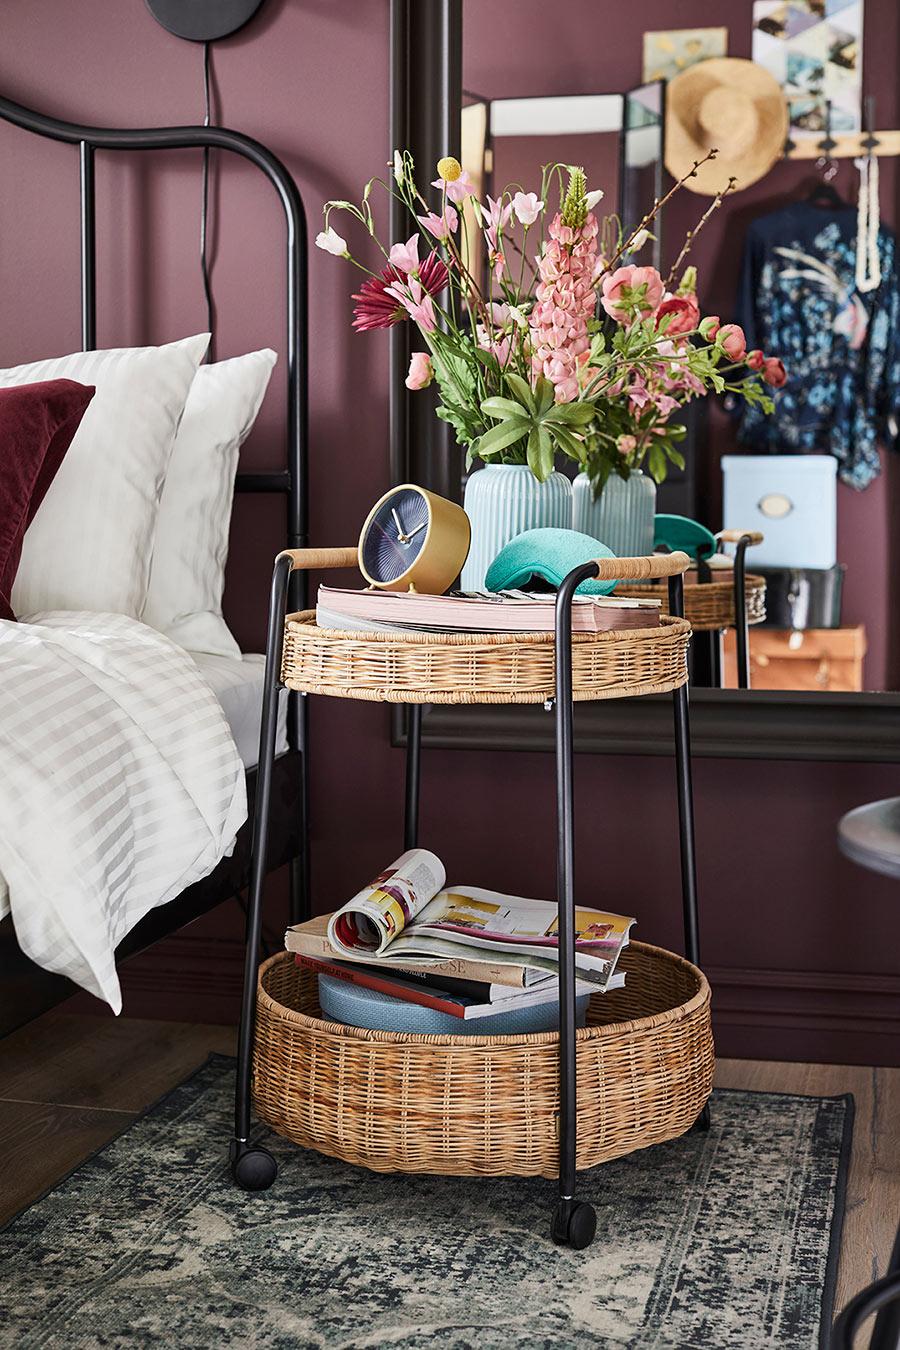 catálogo ikea 2020 dormitorio femenino con mesa auxiliar fibras naturales y acero negro decoración flores